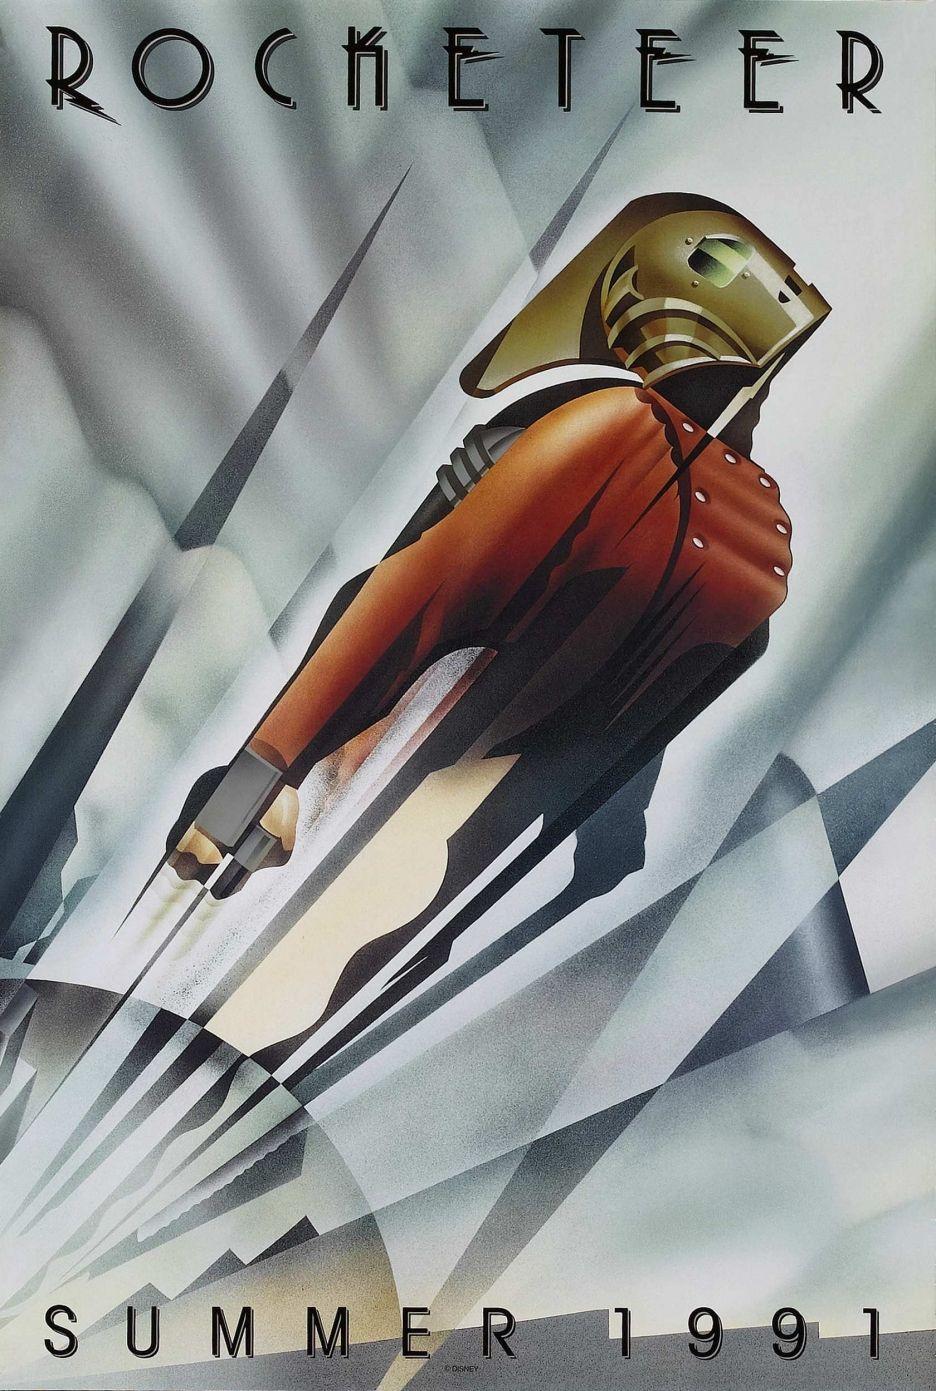 Rocketeer (1991), dirigido por Joe Johnston, teve um dos cartazes de filmes de super-heróis mais bonitos já criados. A imagem mostra o personagem principal voando em alta velocidade. O estilo Art Déco do pôster, criado pelo ilustrador John Mattos, com linhas retas e cenário formado pela intersecção de fachos de luz sobre as nuvens, é perfeito para evidenciar a sensação de aceleração e a ousadia do protagonista, que se lança determinado aos céus. (Omelete)